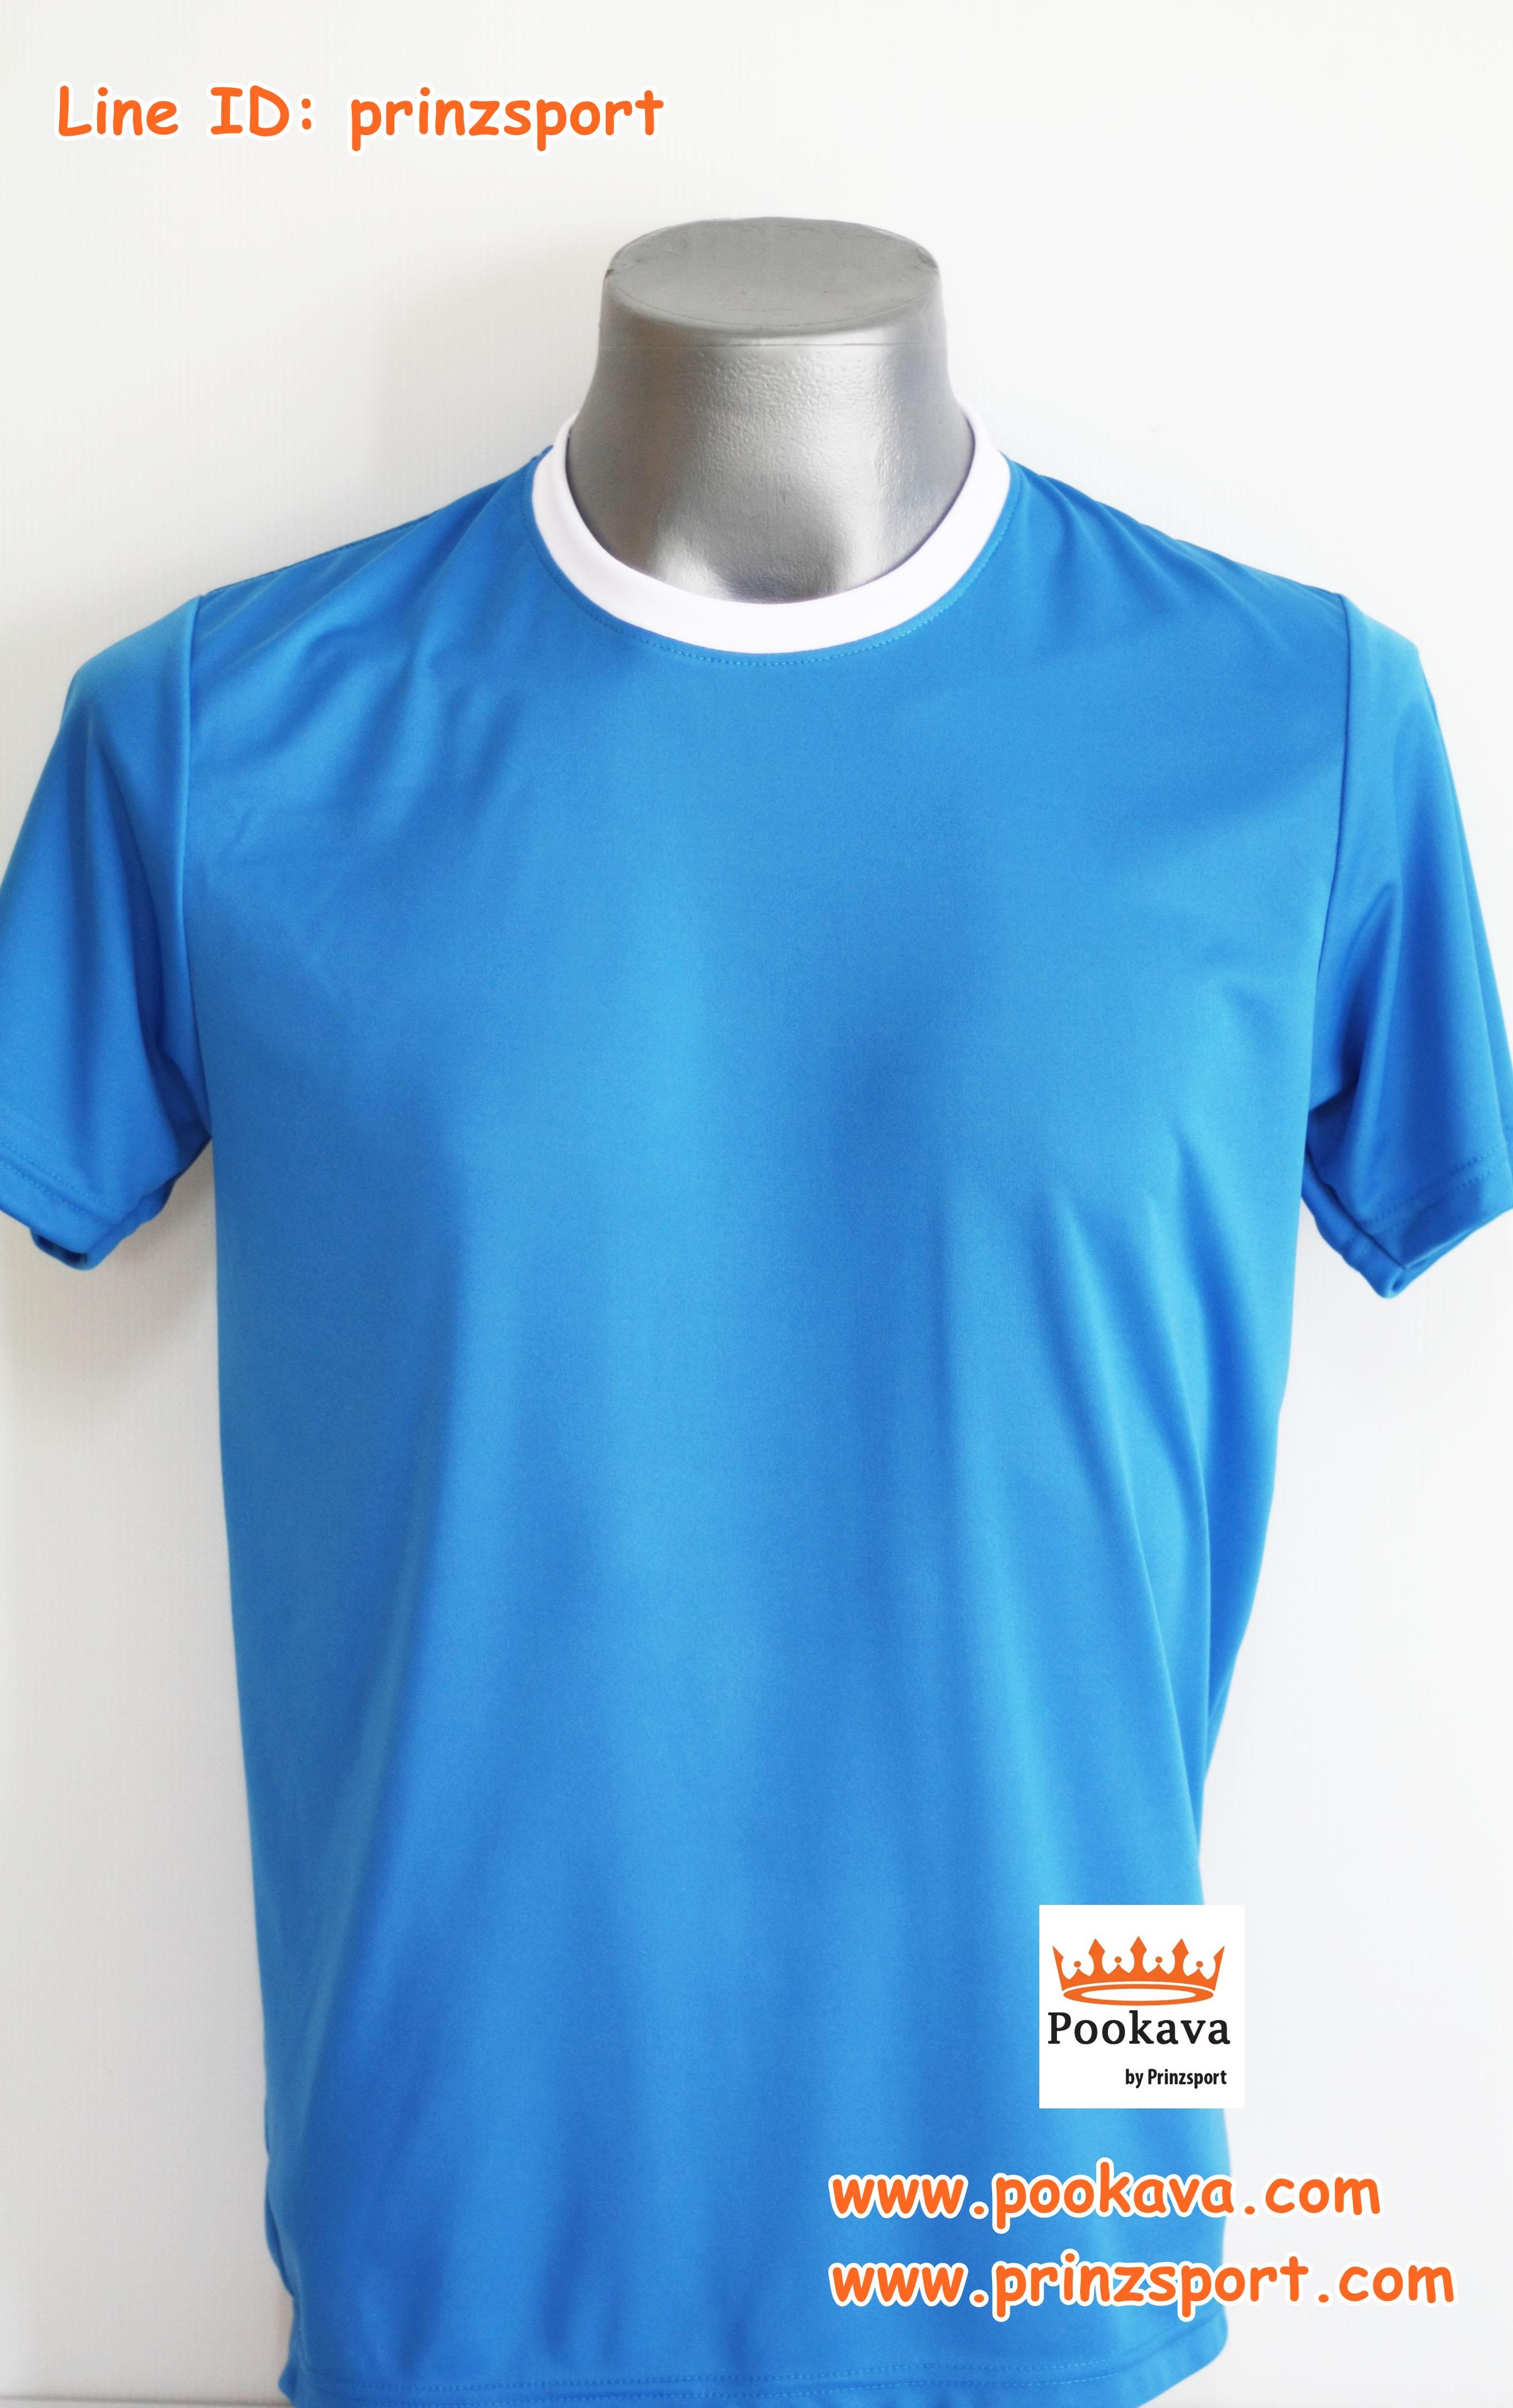 ขายส่ง Size L เสื้อกีฬาเปล่า ผู้ใหญ่ ผ้า Poly สีฟ้า เนื้อผ้าดี คุณภาพดี เสื้อกีฬาสี เสื้อบอลเปล่า